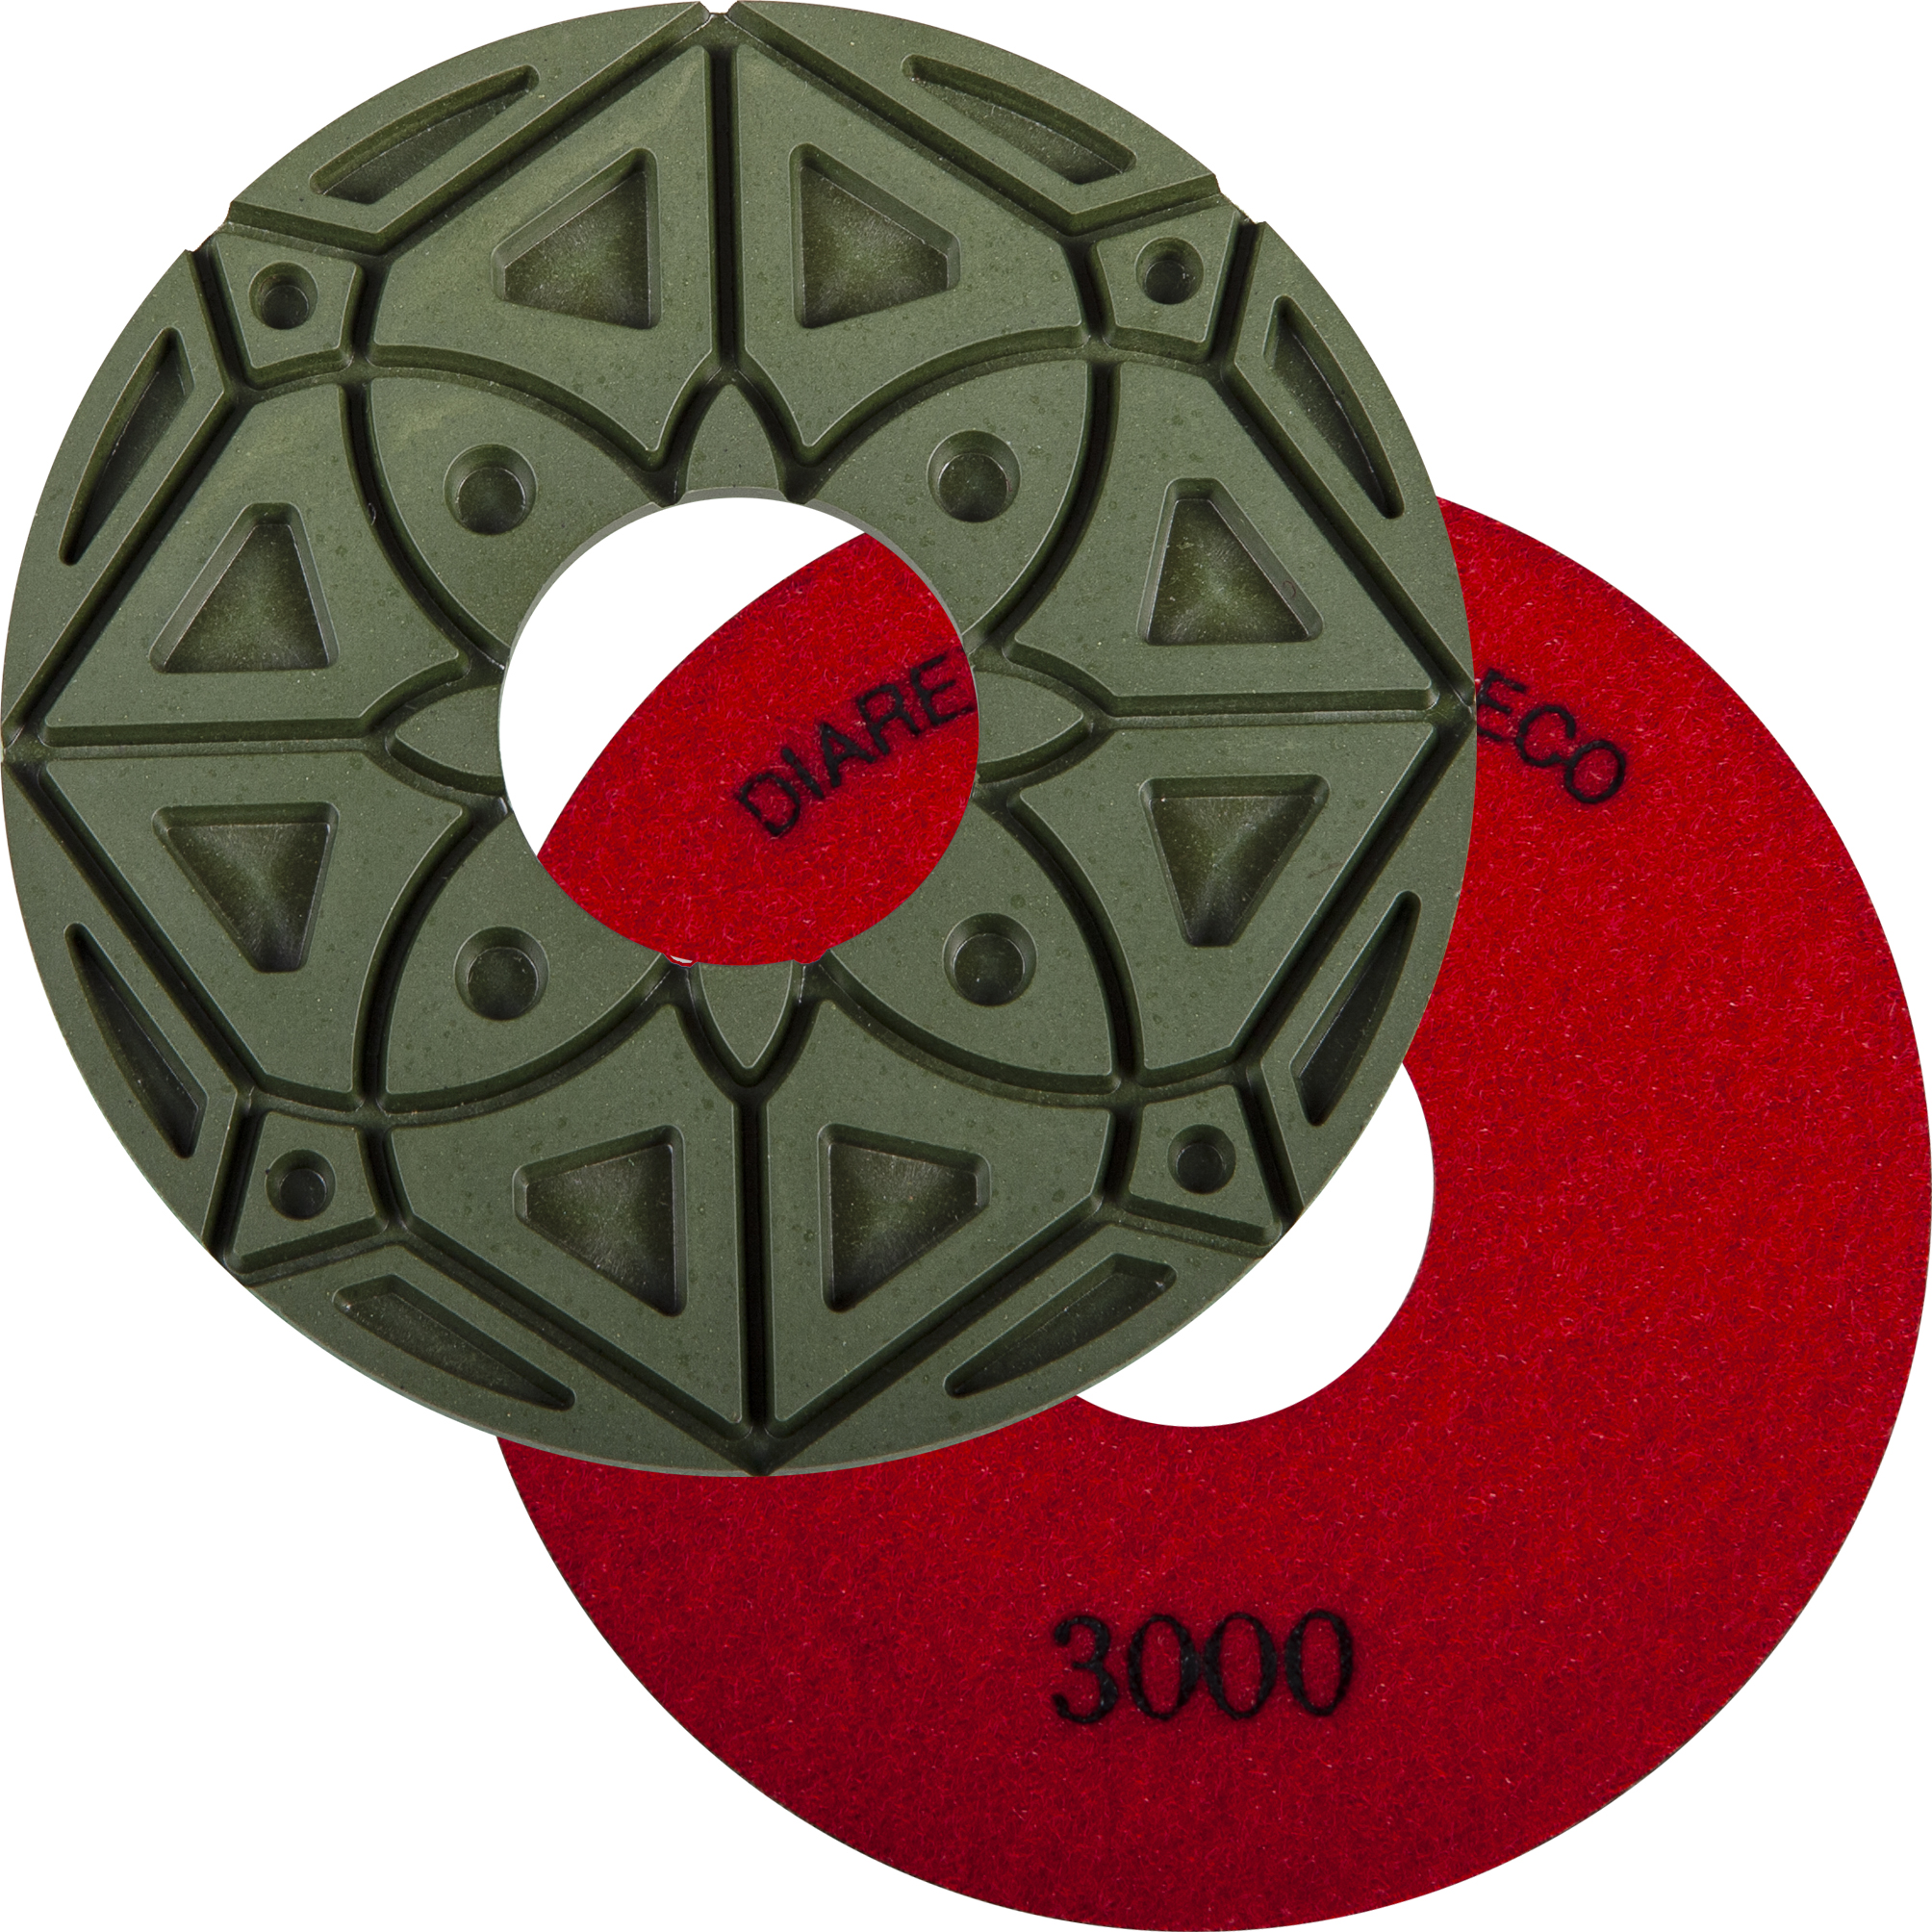 DIAREX Kantenschleifbelag KS-Edge ECO ø 130 mm | Korn 3000 │ Klett